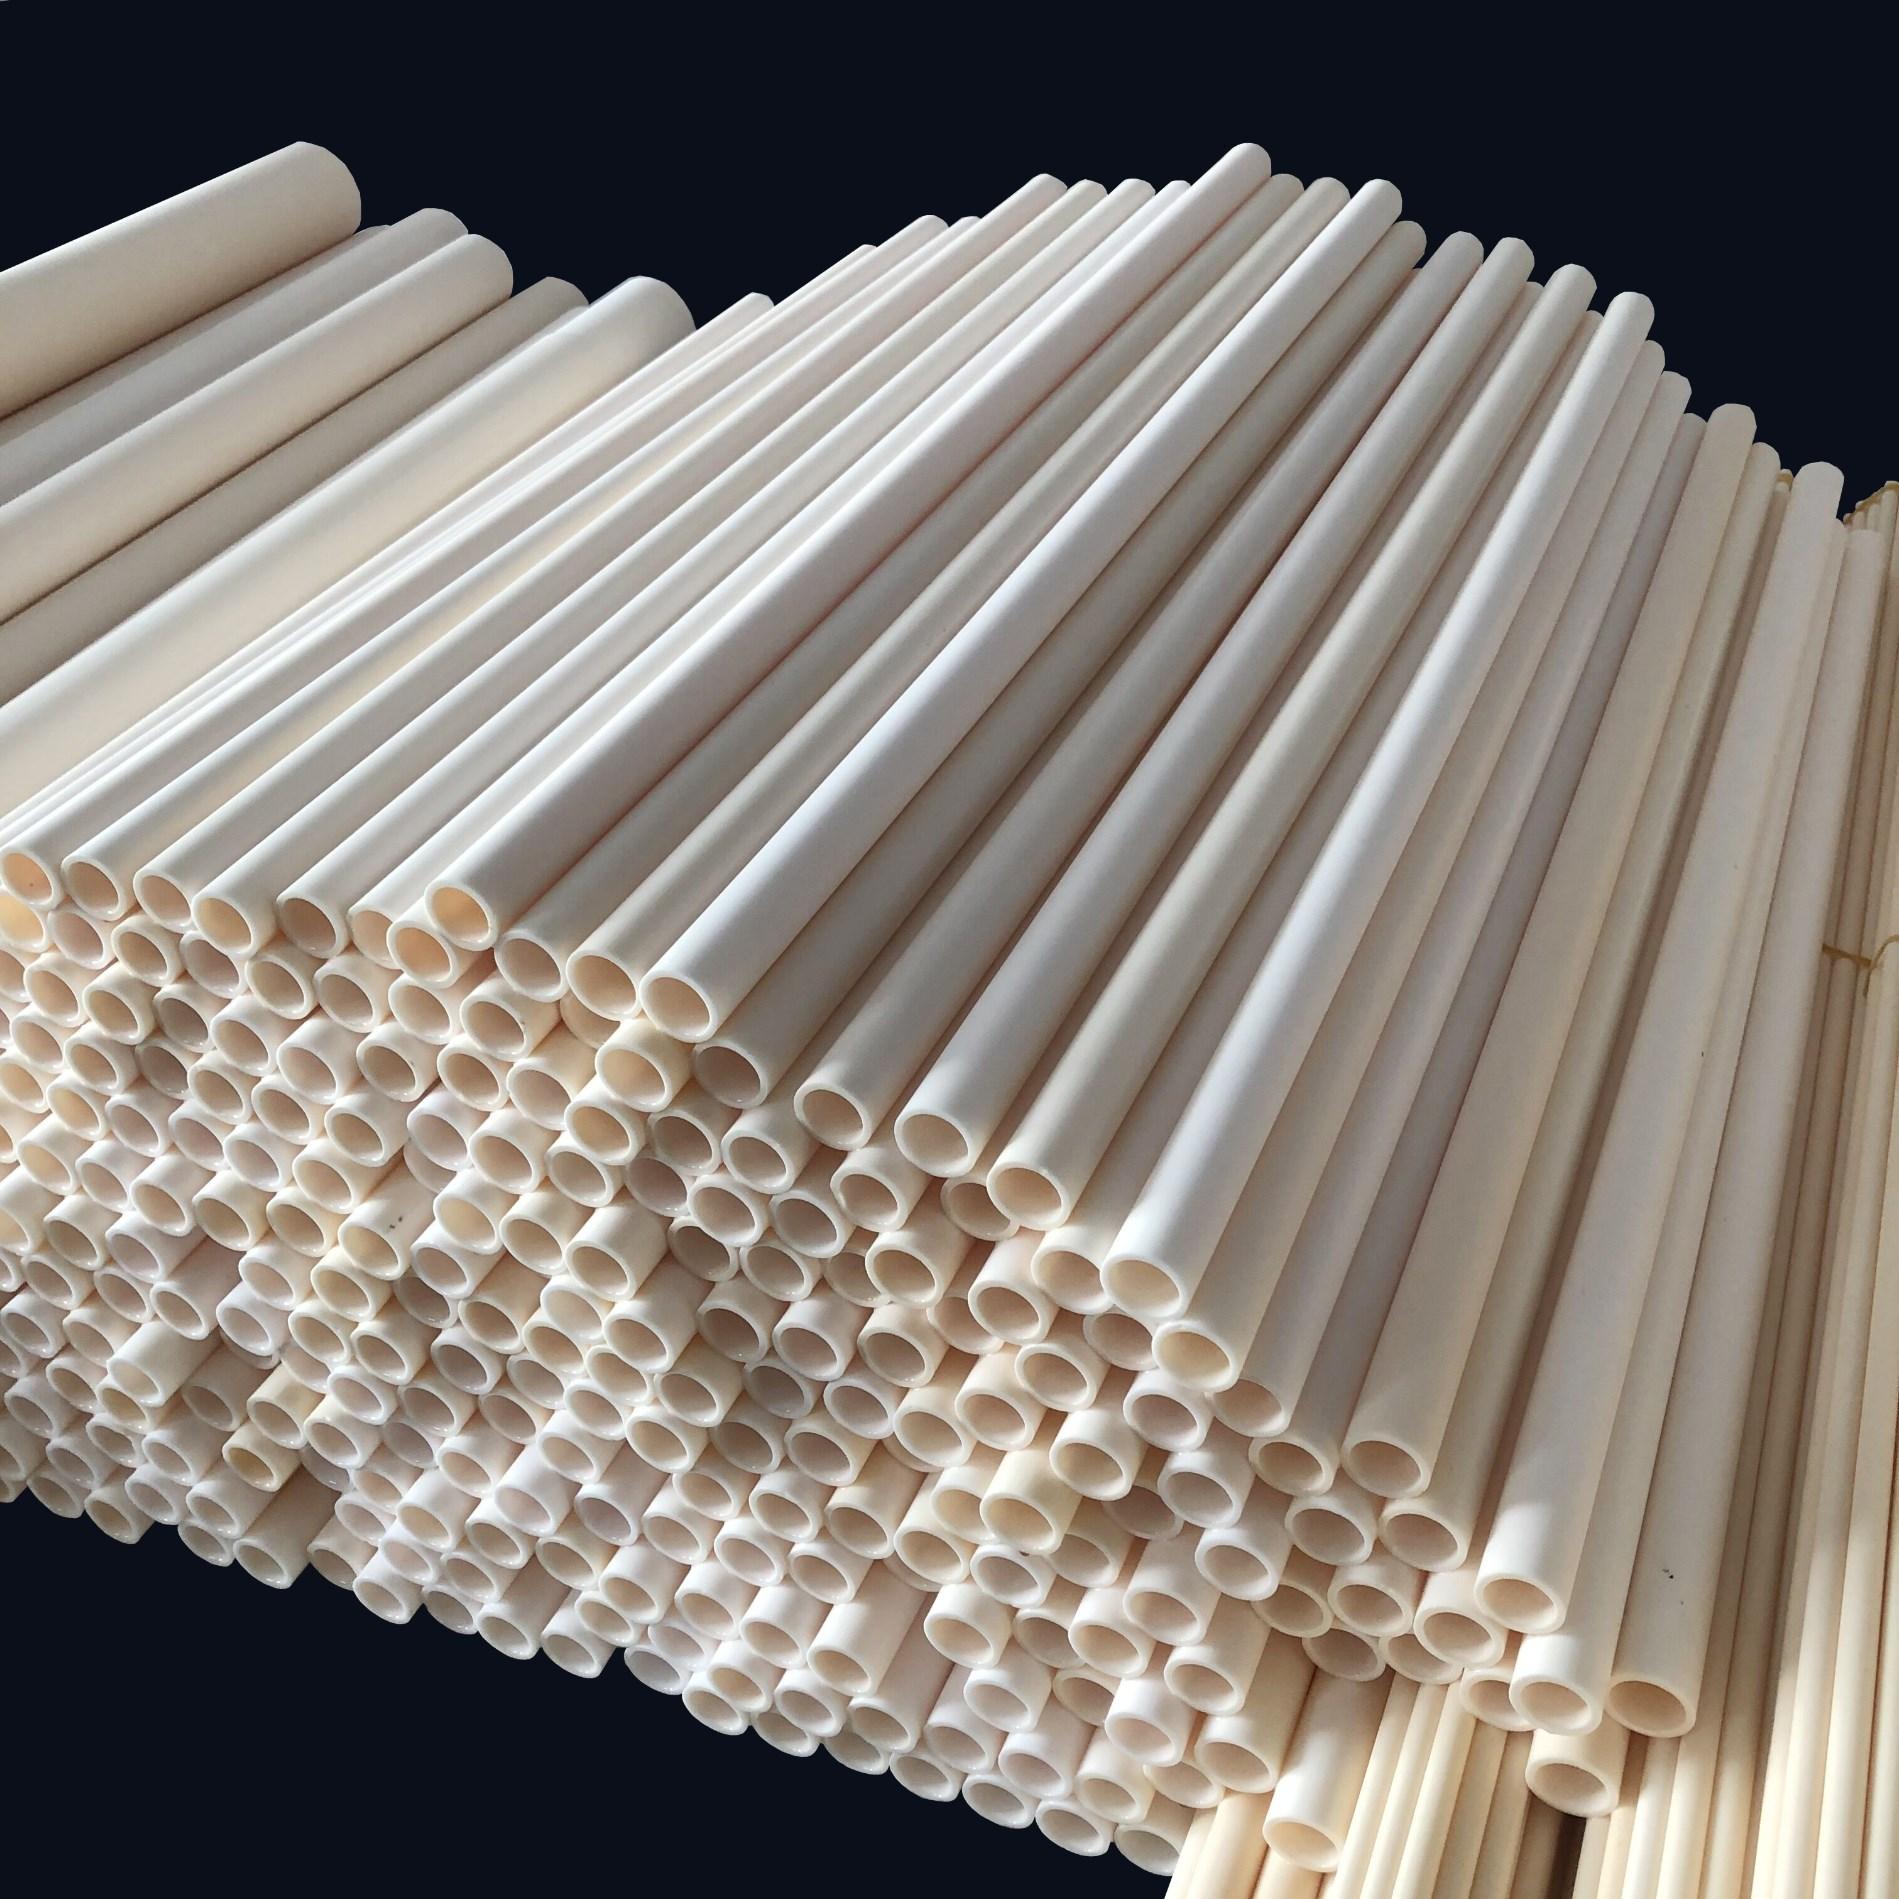 Kaufen Aluminiumoxid-Ofenrohr;Aluminiumoxid-Ofenrohr Preis;Aluminiumoxid-Ofenrohr Marken;Aluminiumoxid-Ofenrohr Hersteller;Aluminiumoxid-Ofenrohr Zitat;Aluminiumoxid-Ofenrohr Unternehmen